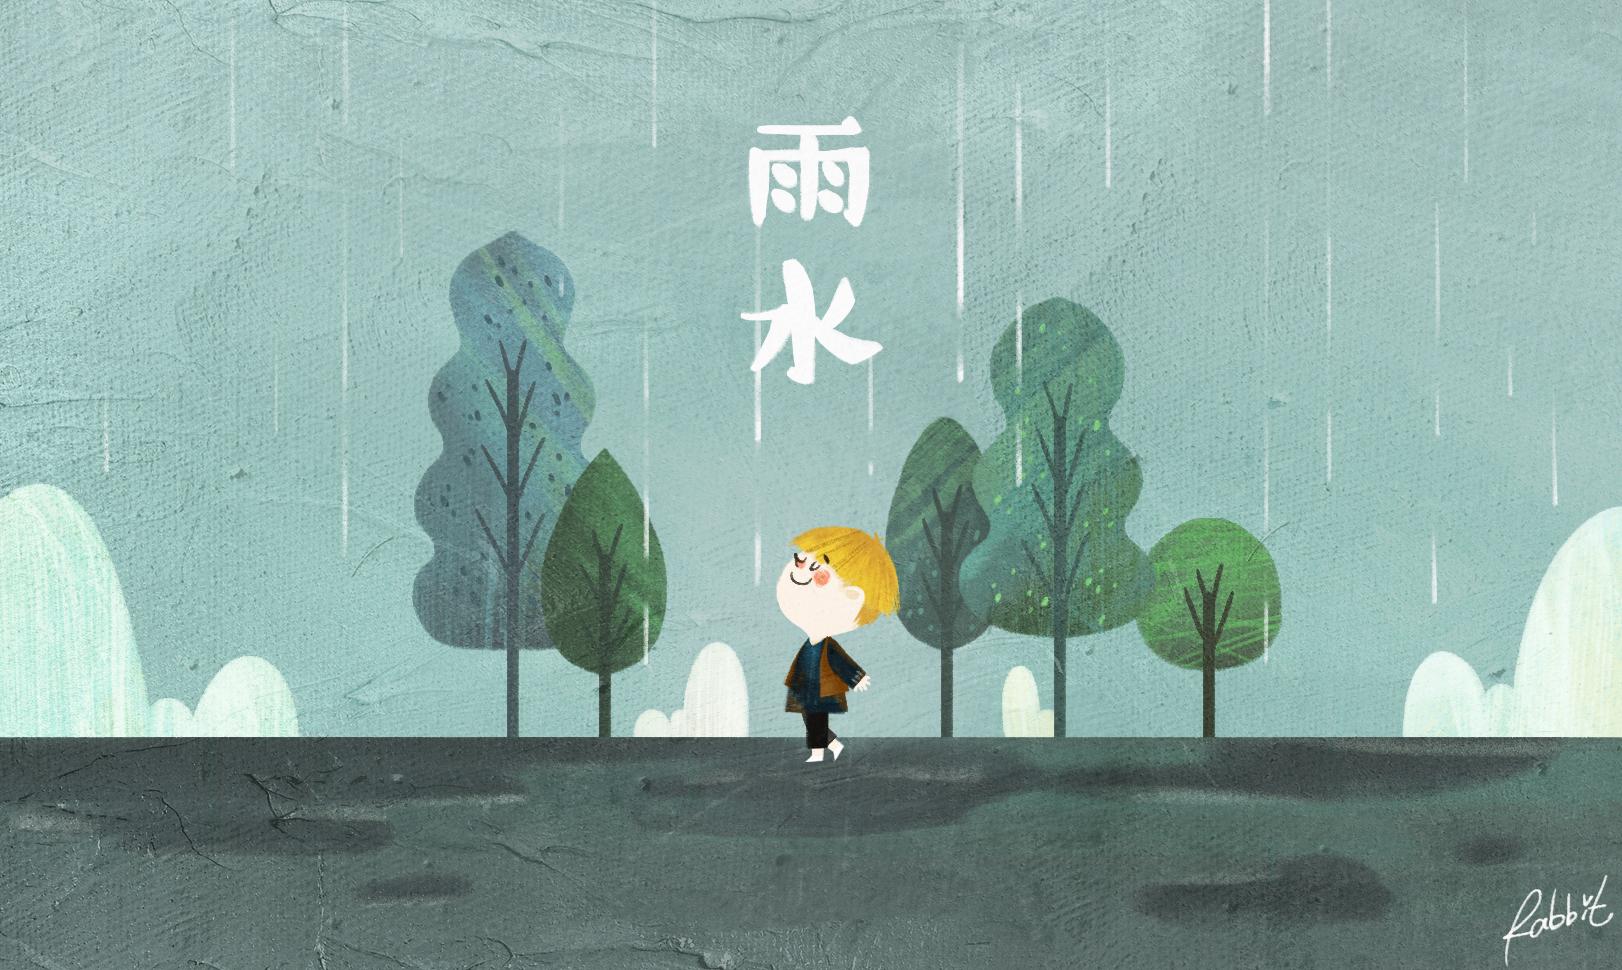 节气- 冬至 立春 雨水